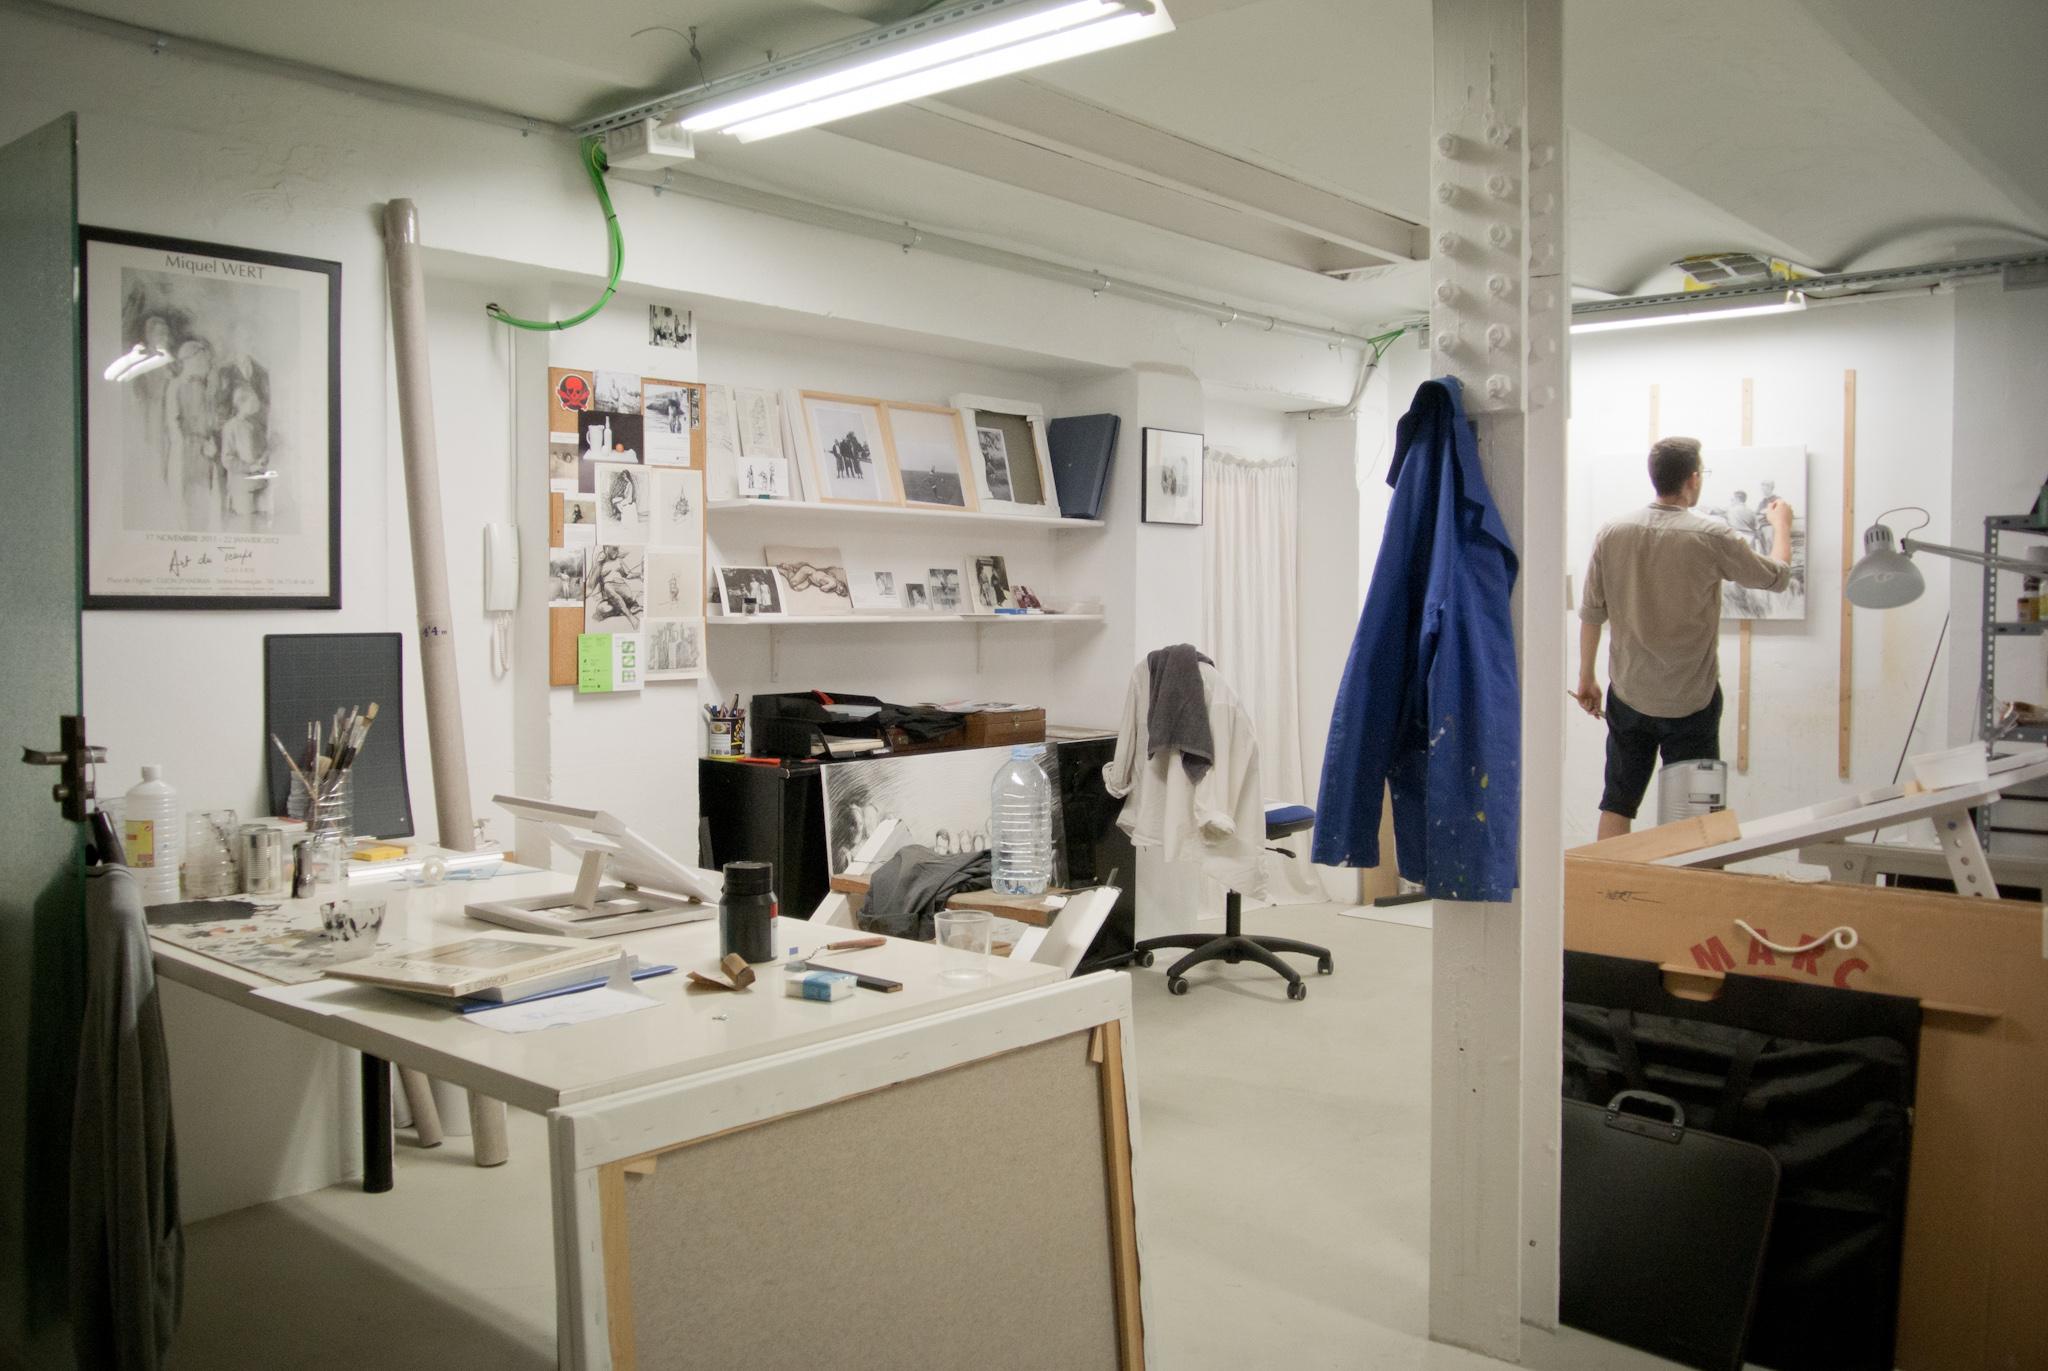 Studio Miquel Wert 2.jpg